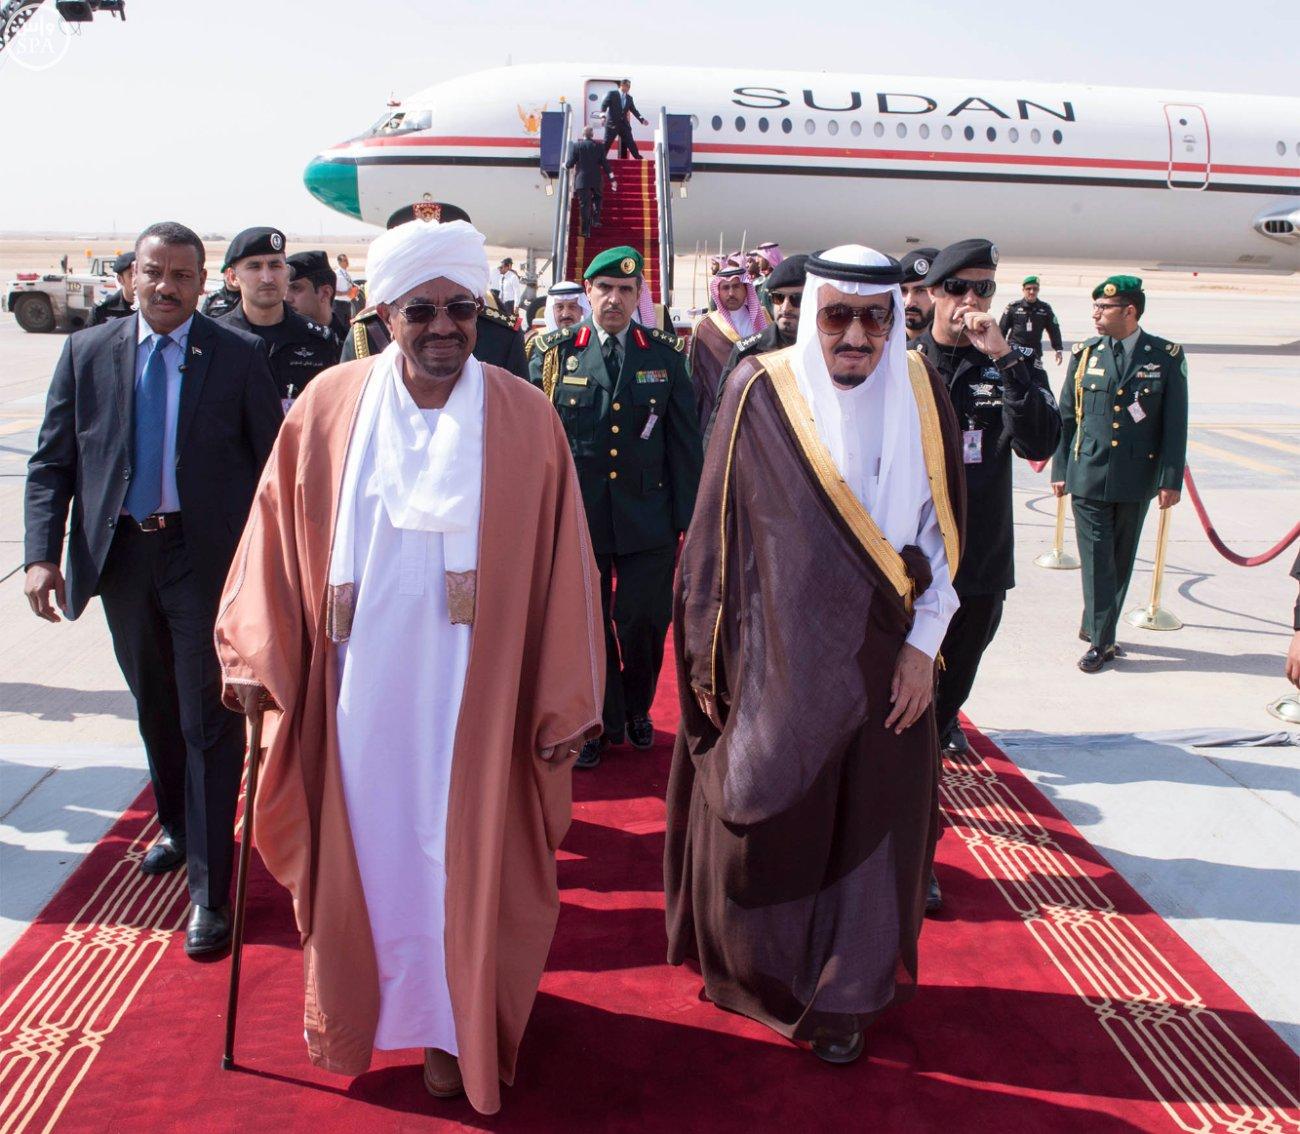 وصول-وفو-القمة-العربية-الاتينينة (1)